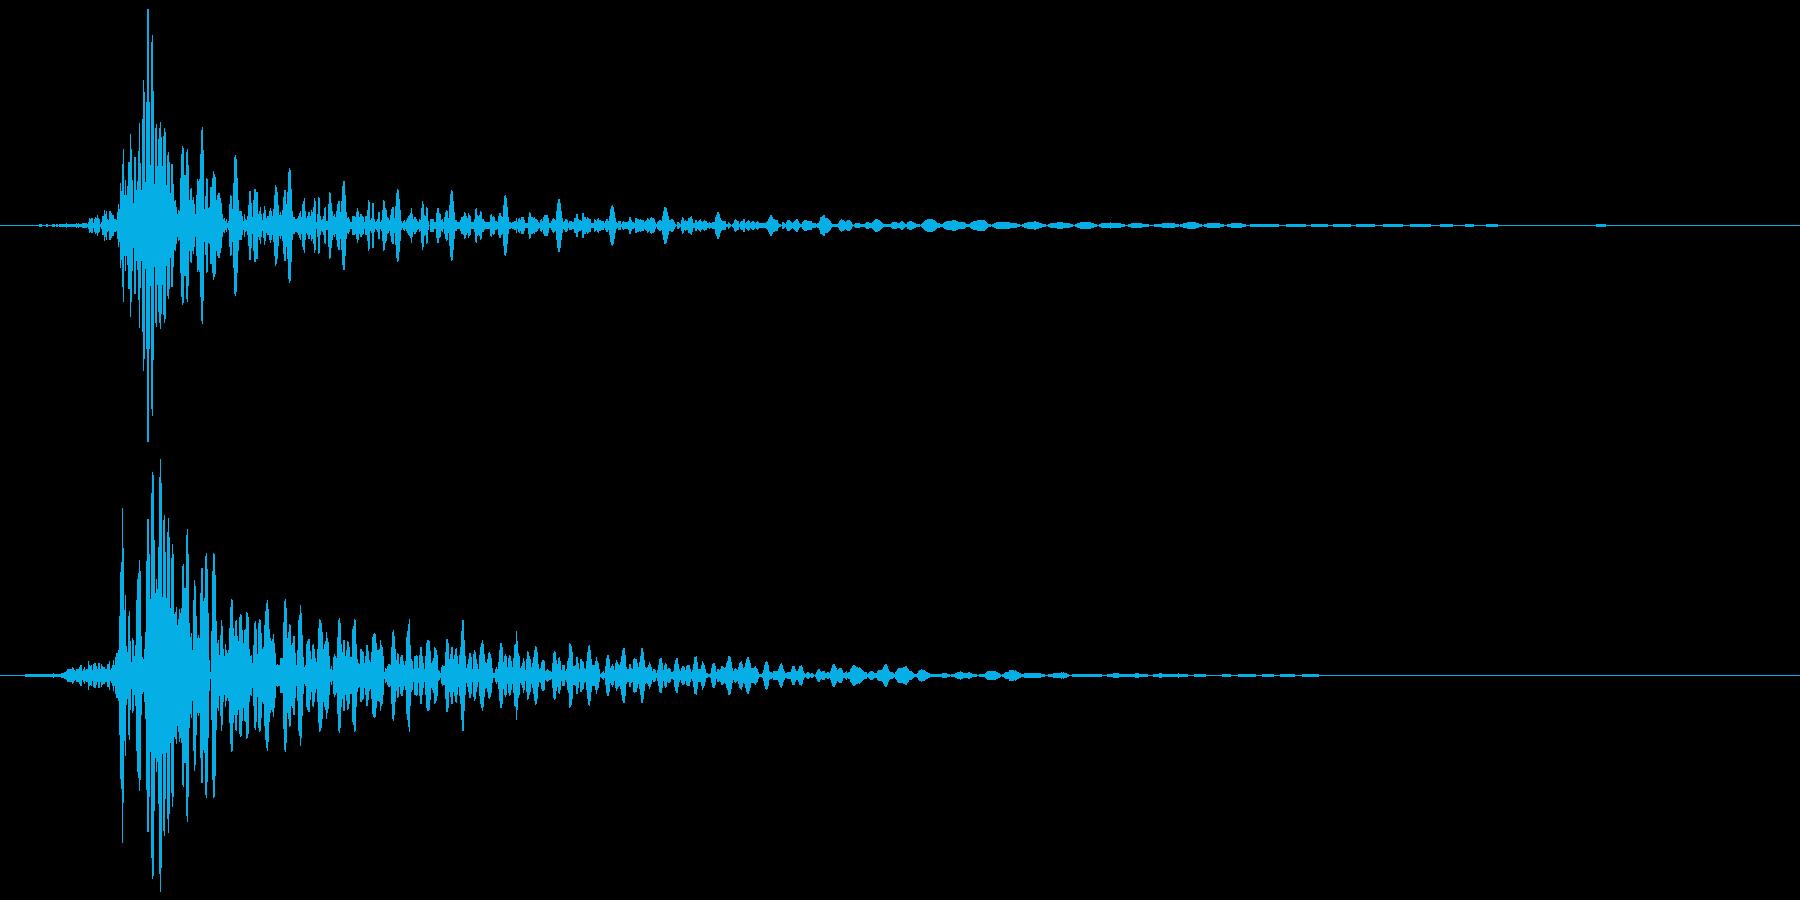 弓矢が刺さる (トッ、ビィィィン) Bの再生済みの波形